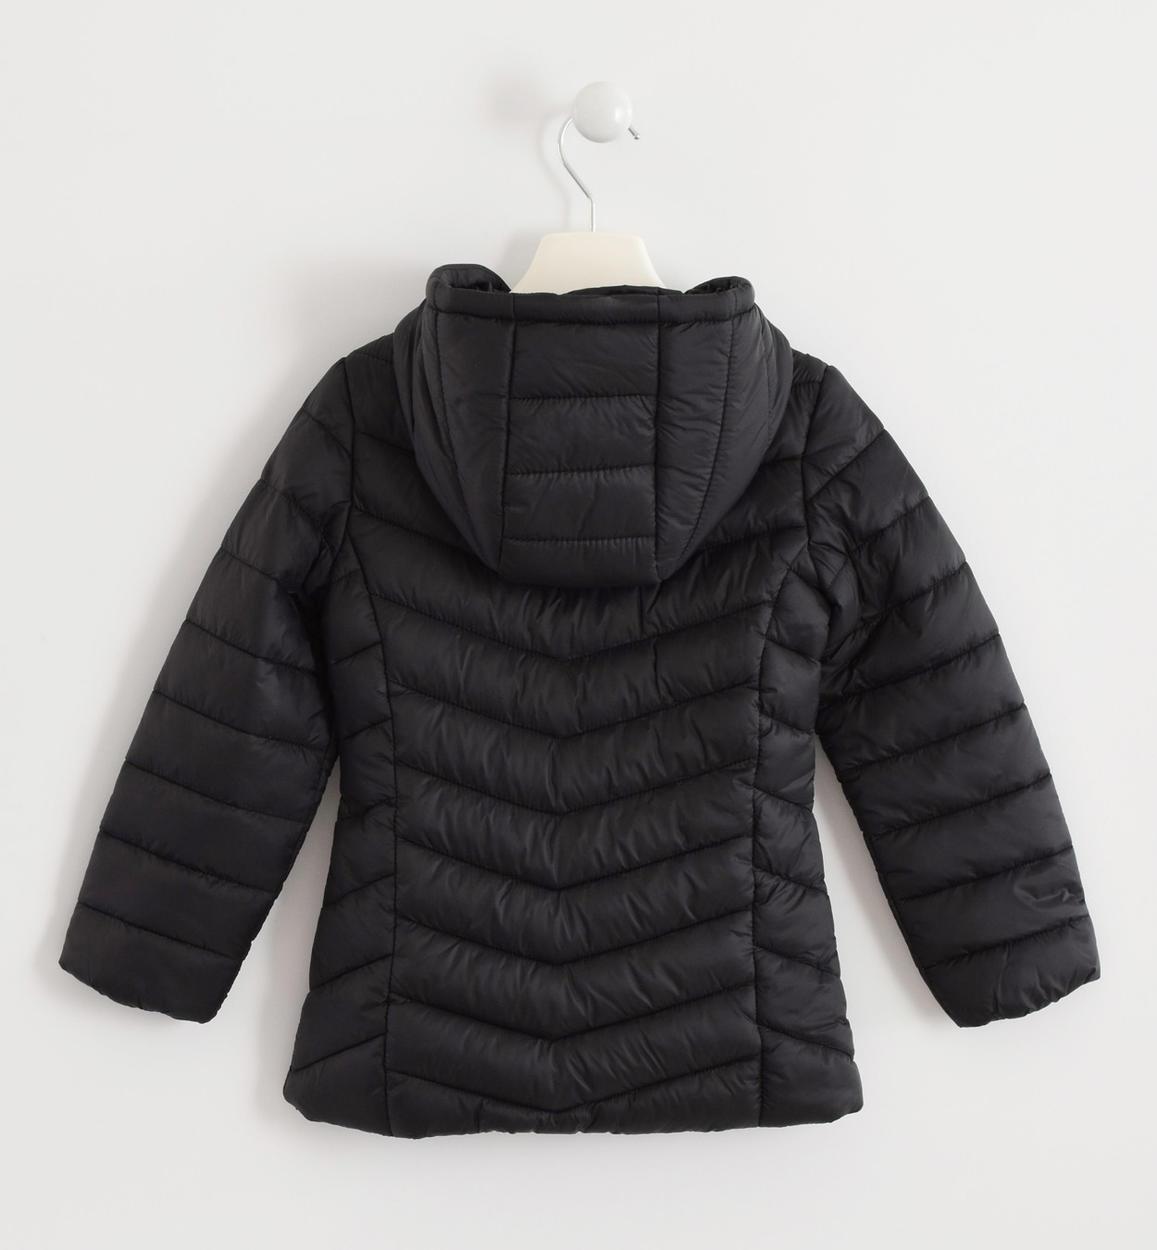 superior quality 349a6 4f326 Giubbotto modello 100 grammi con cappuccio per bambina da 6 a 16 anni  Sarabanda